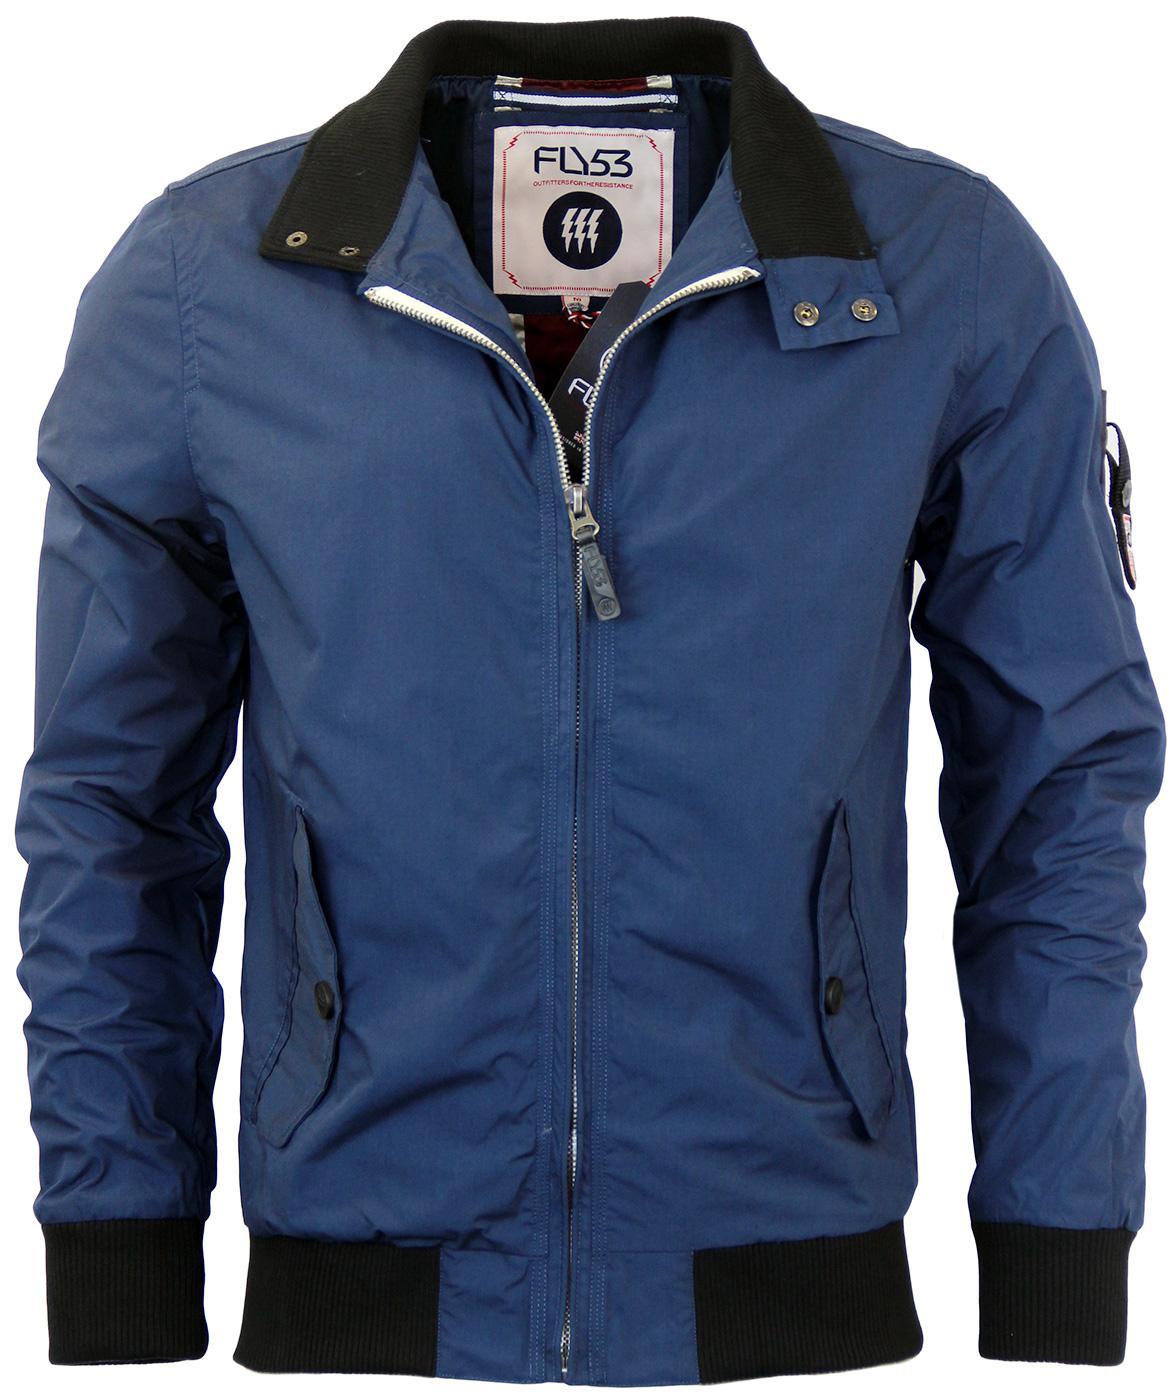 Churchill FLY53 Retro Union Jack Harrington Jacket